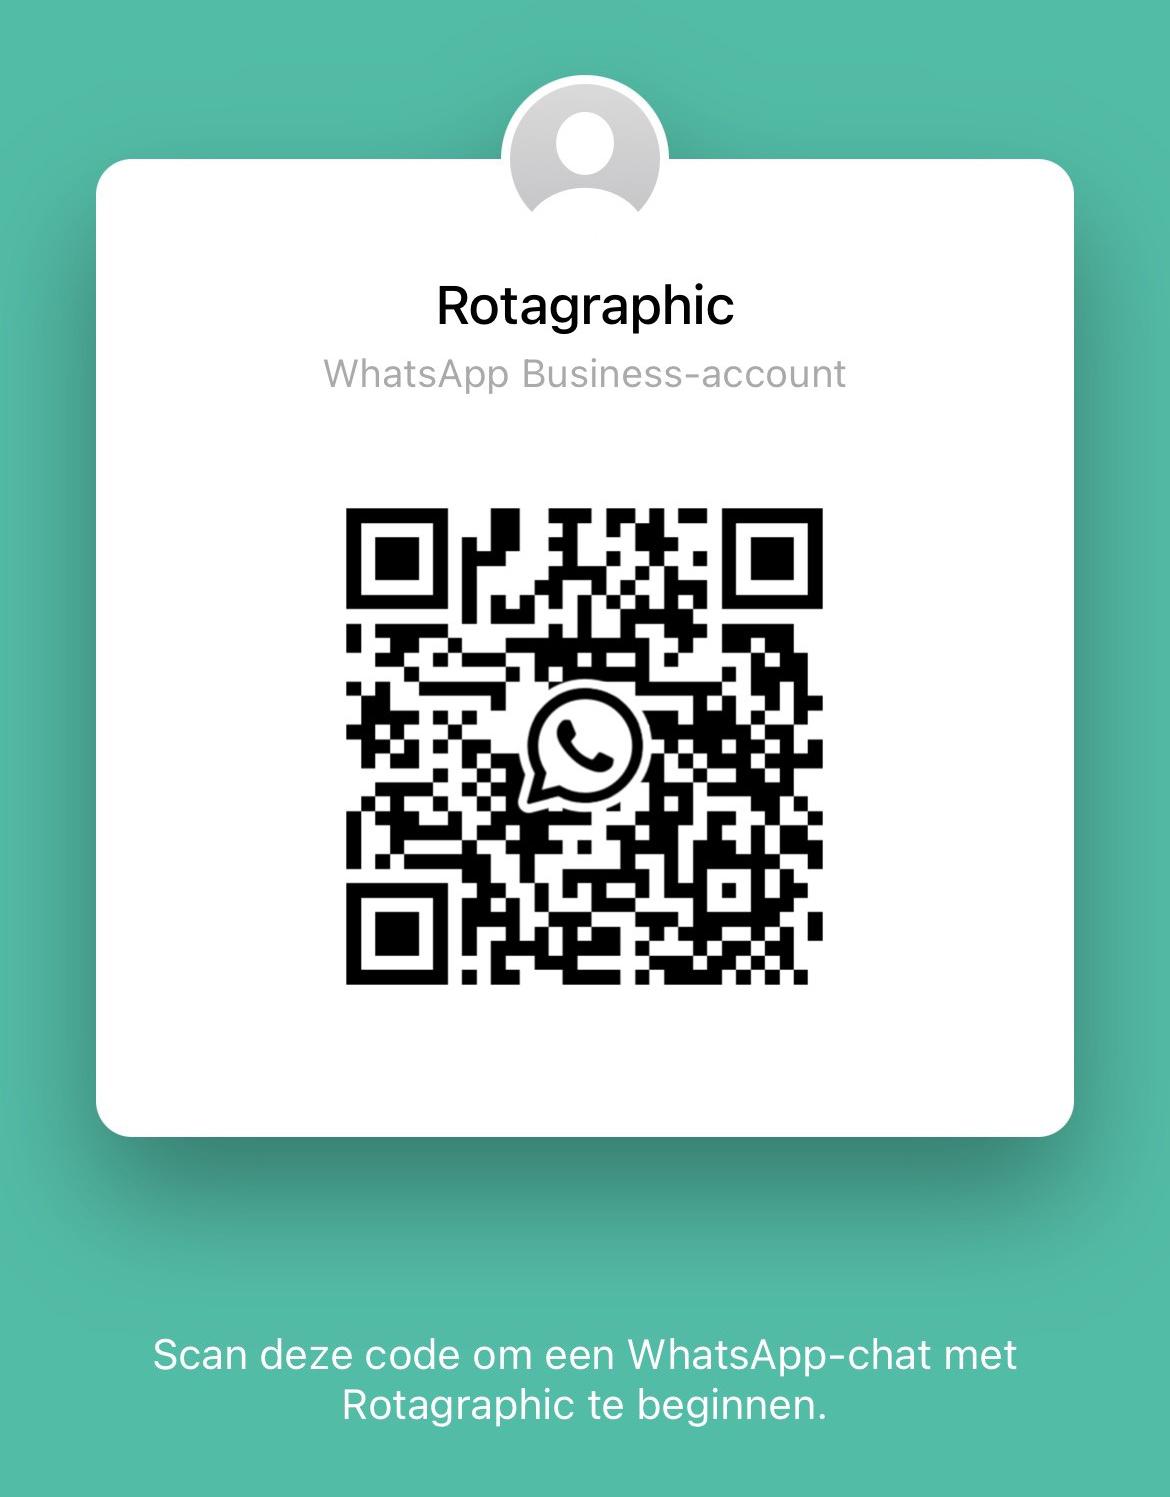 Whatsapp QR code laag